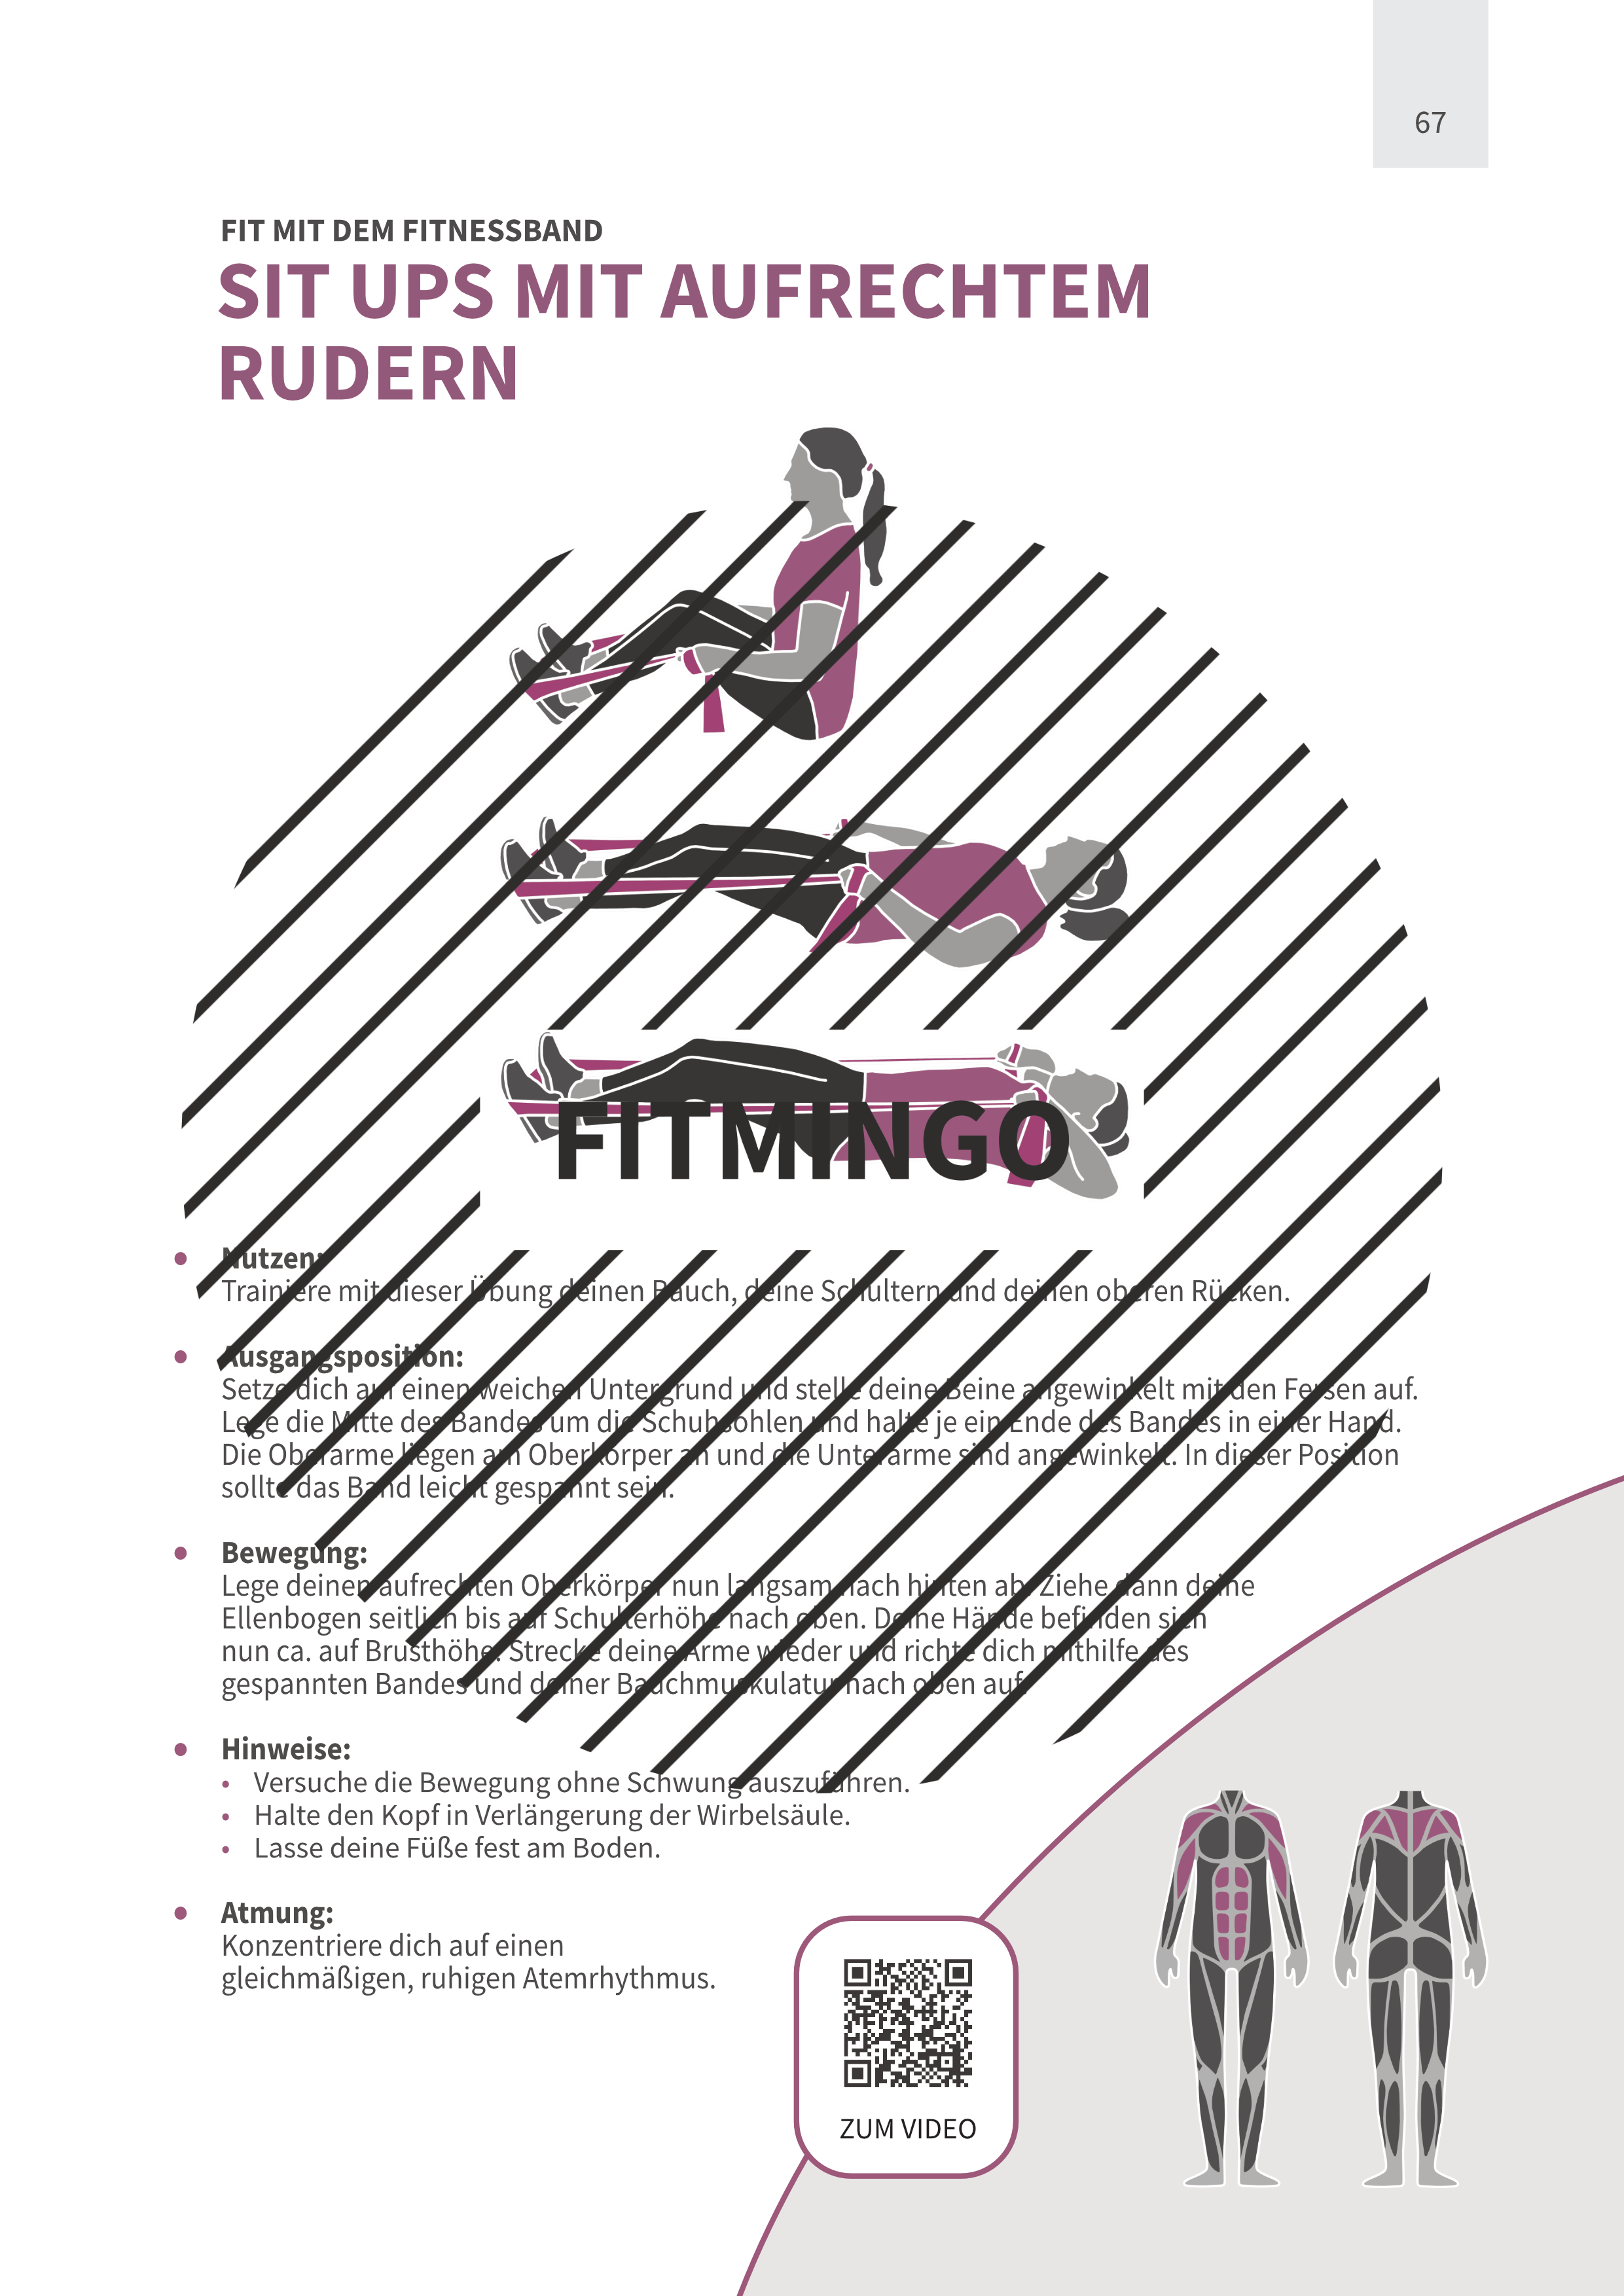 Sit Ups mit aufrechtem Rudern mit Fitnessband